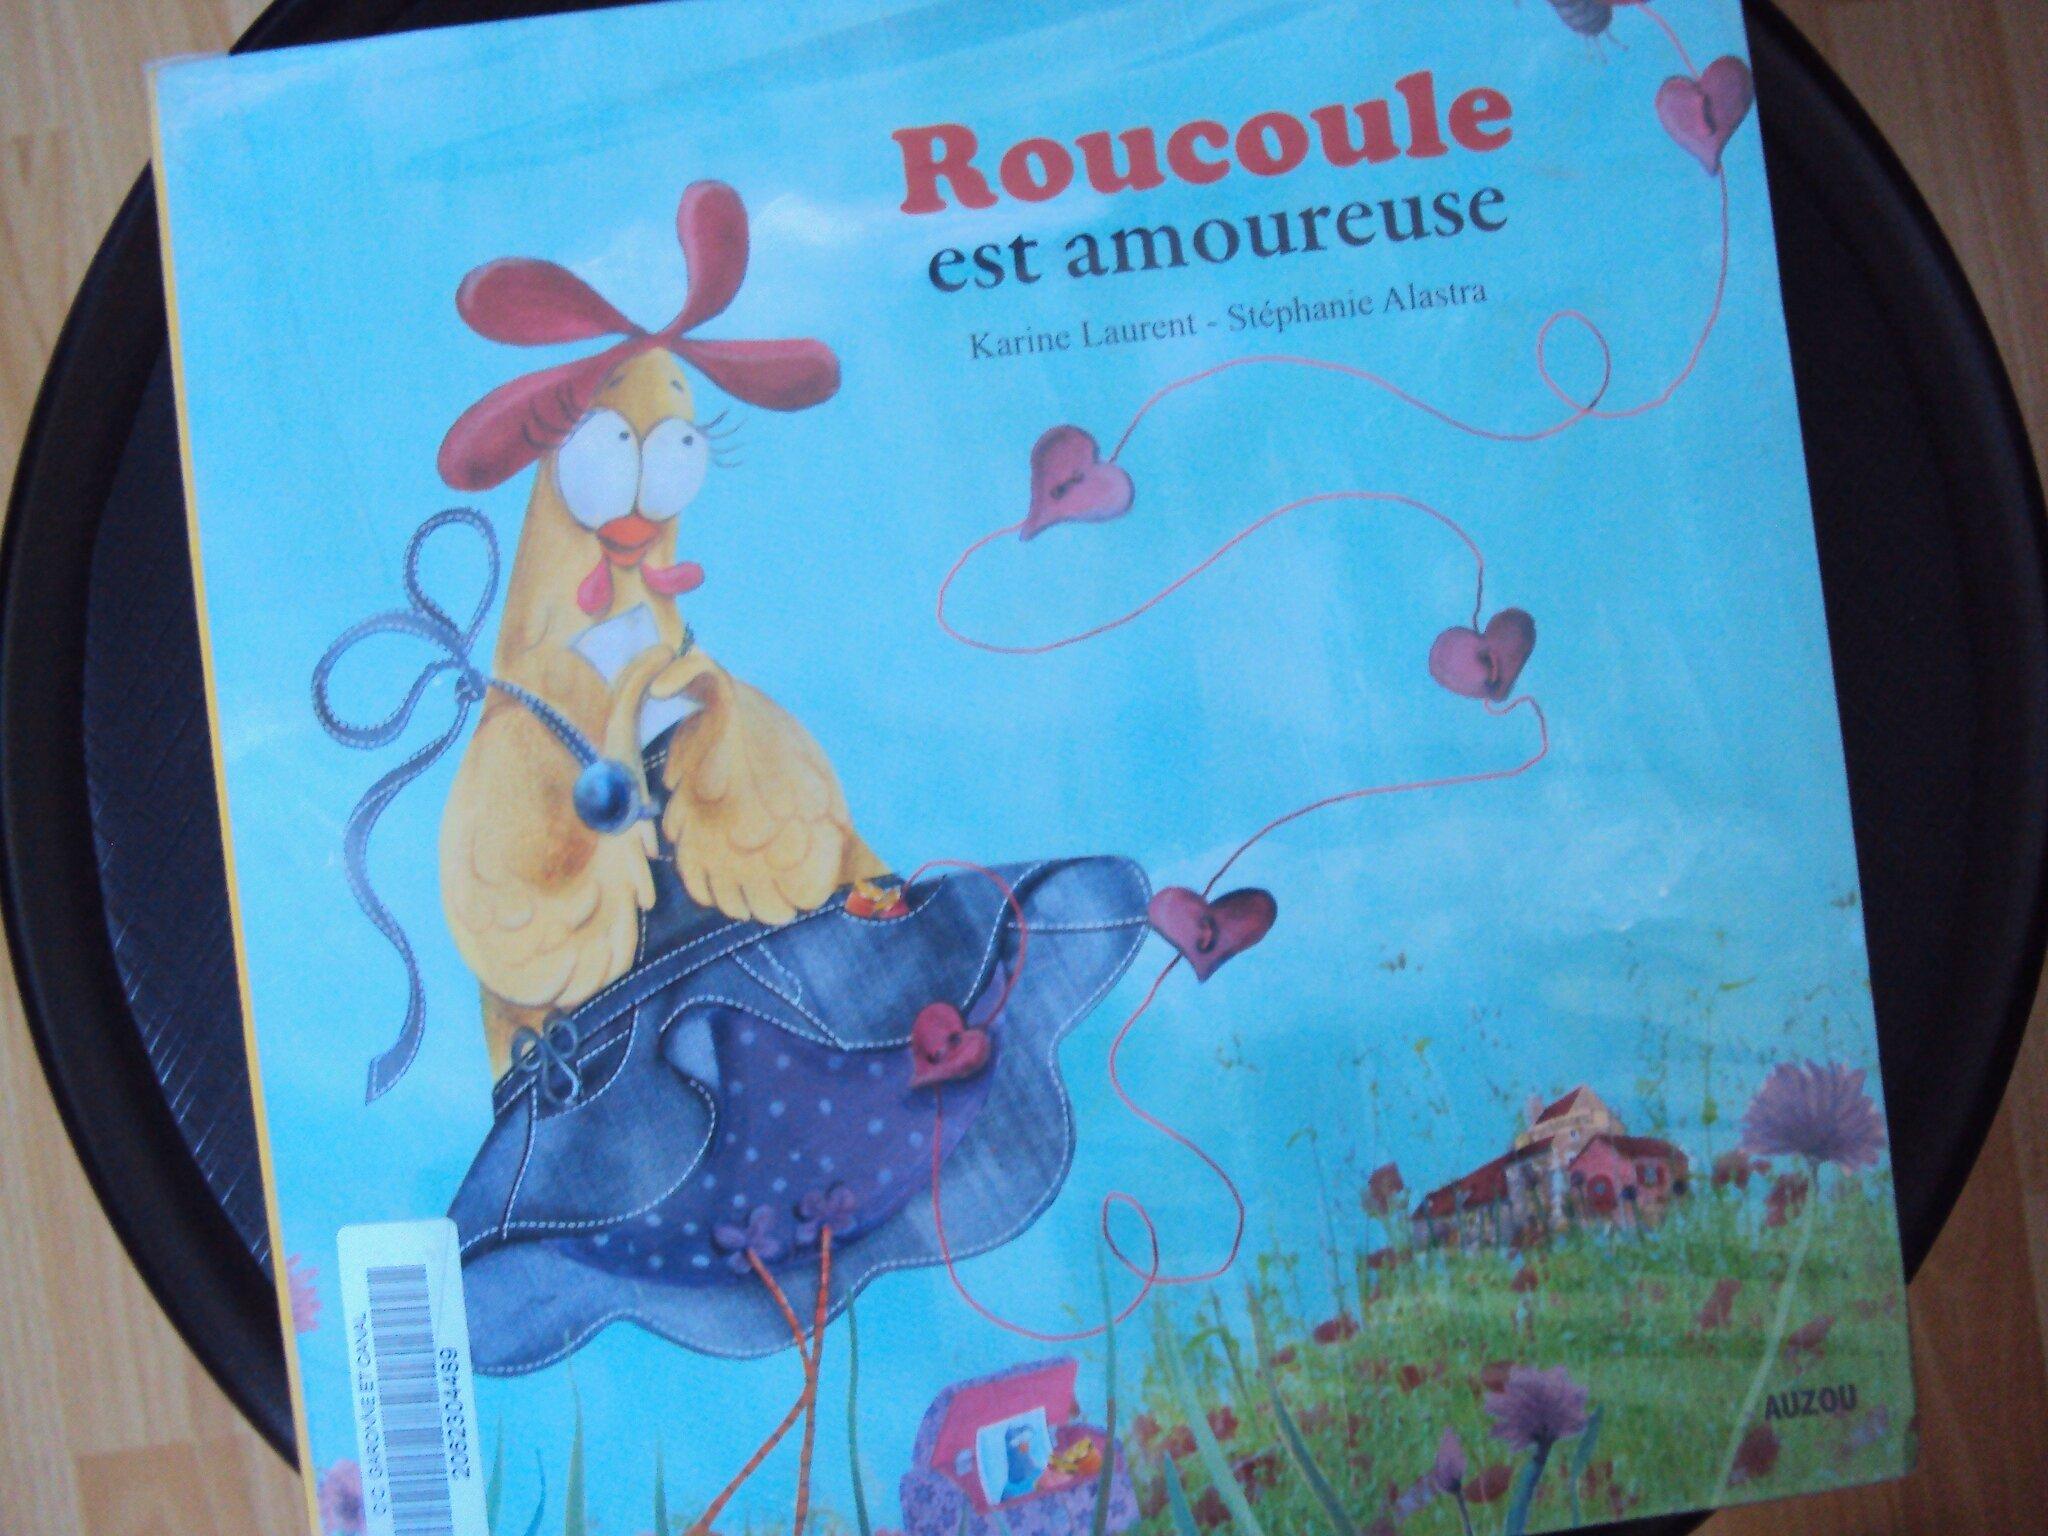 Roucoule est amoureuse de Karine Laurent et Stéphanie Alastra, éditions Auzou